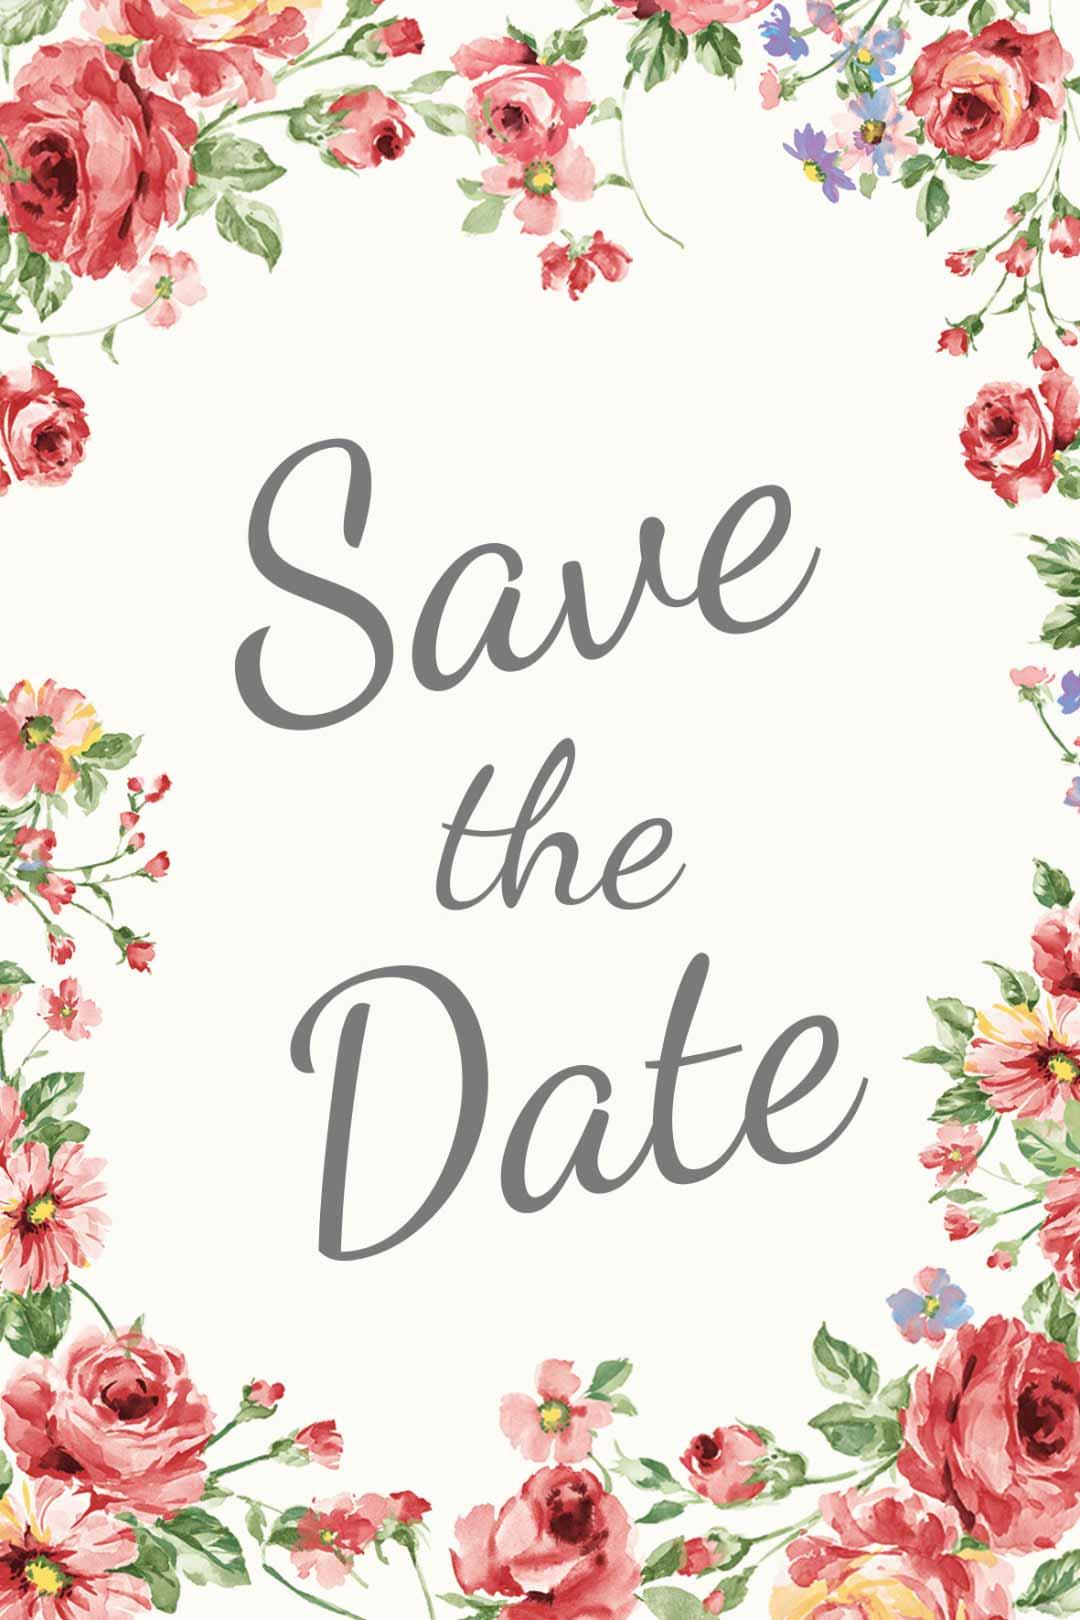 Schild im blumigen Design als Vorlage für die Hochzeit: Save the Date